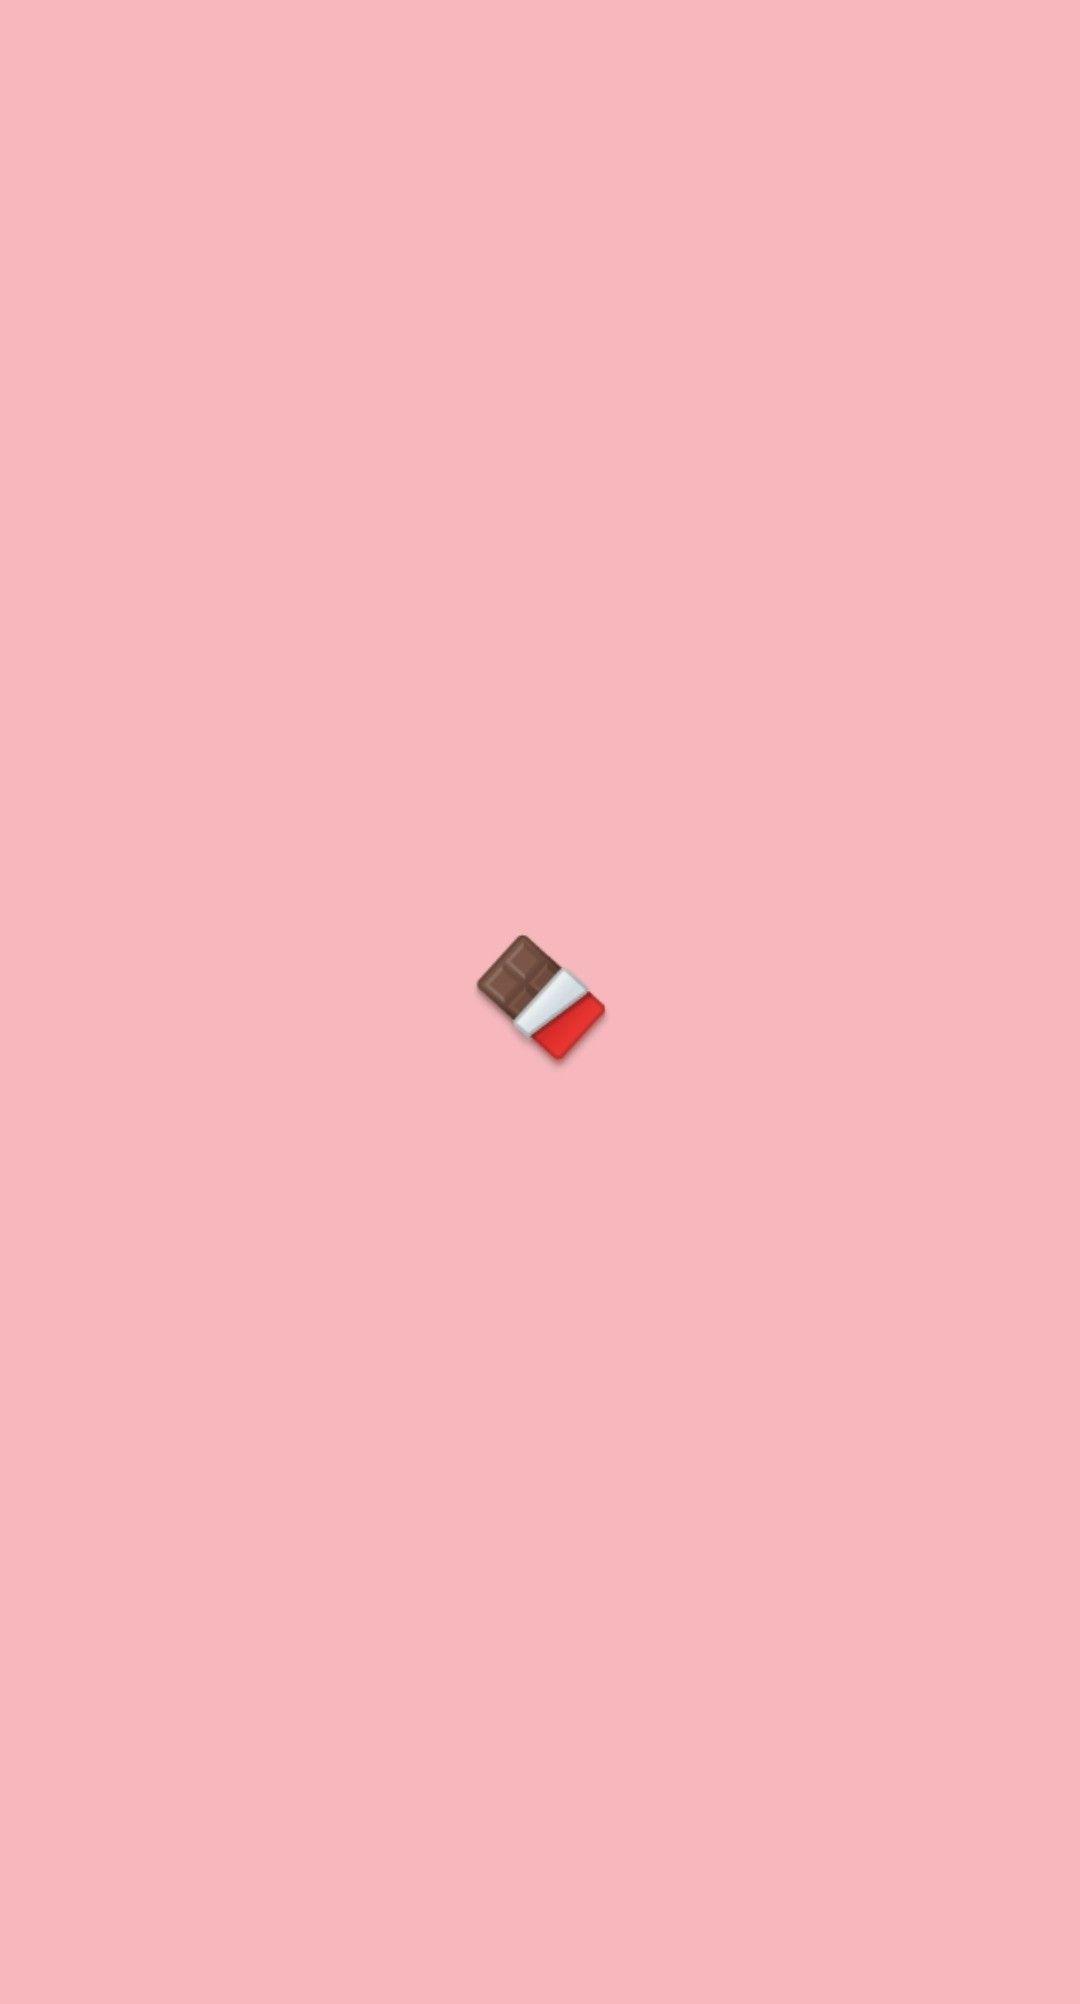 emoji wallpaper aesthetic